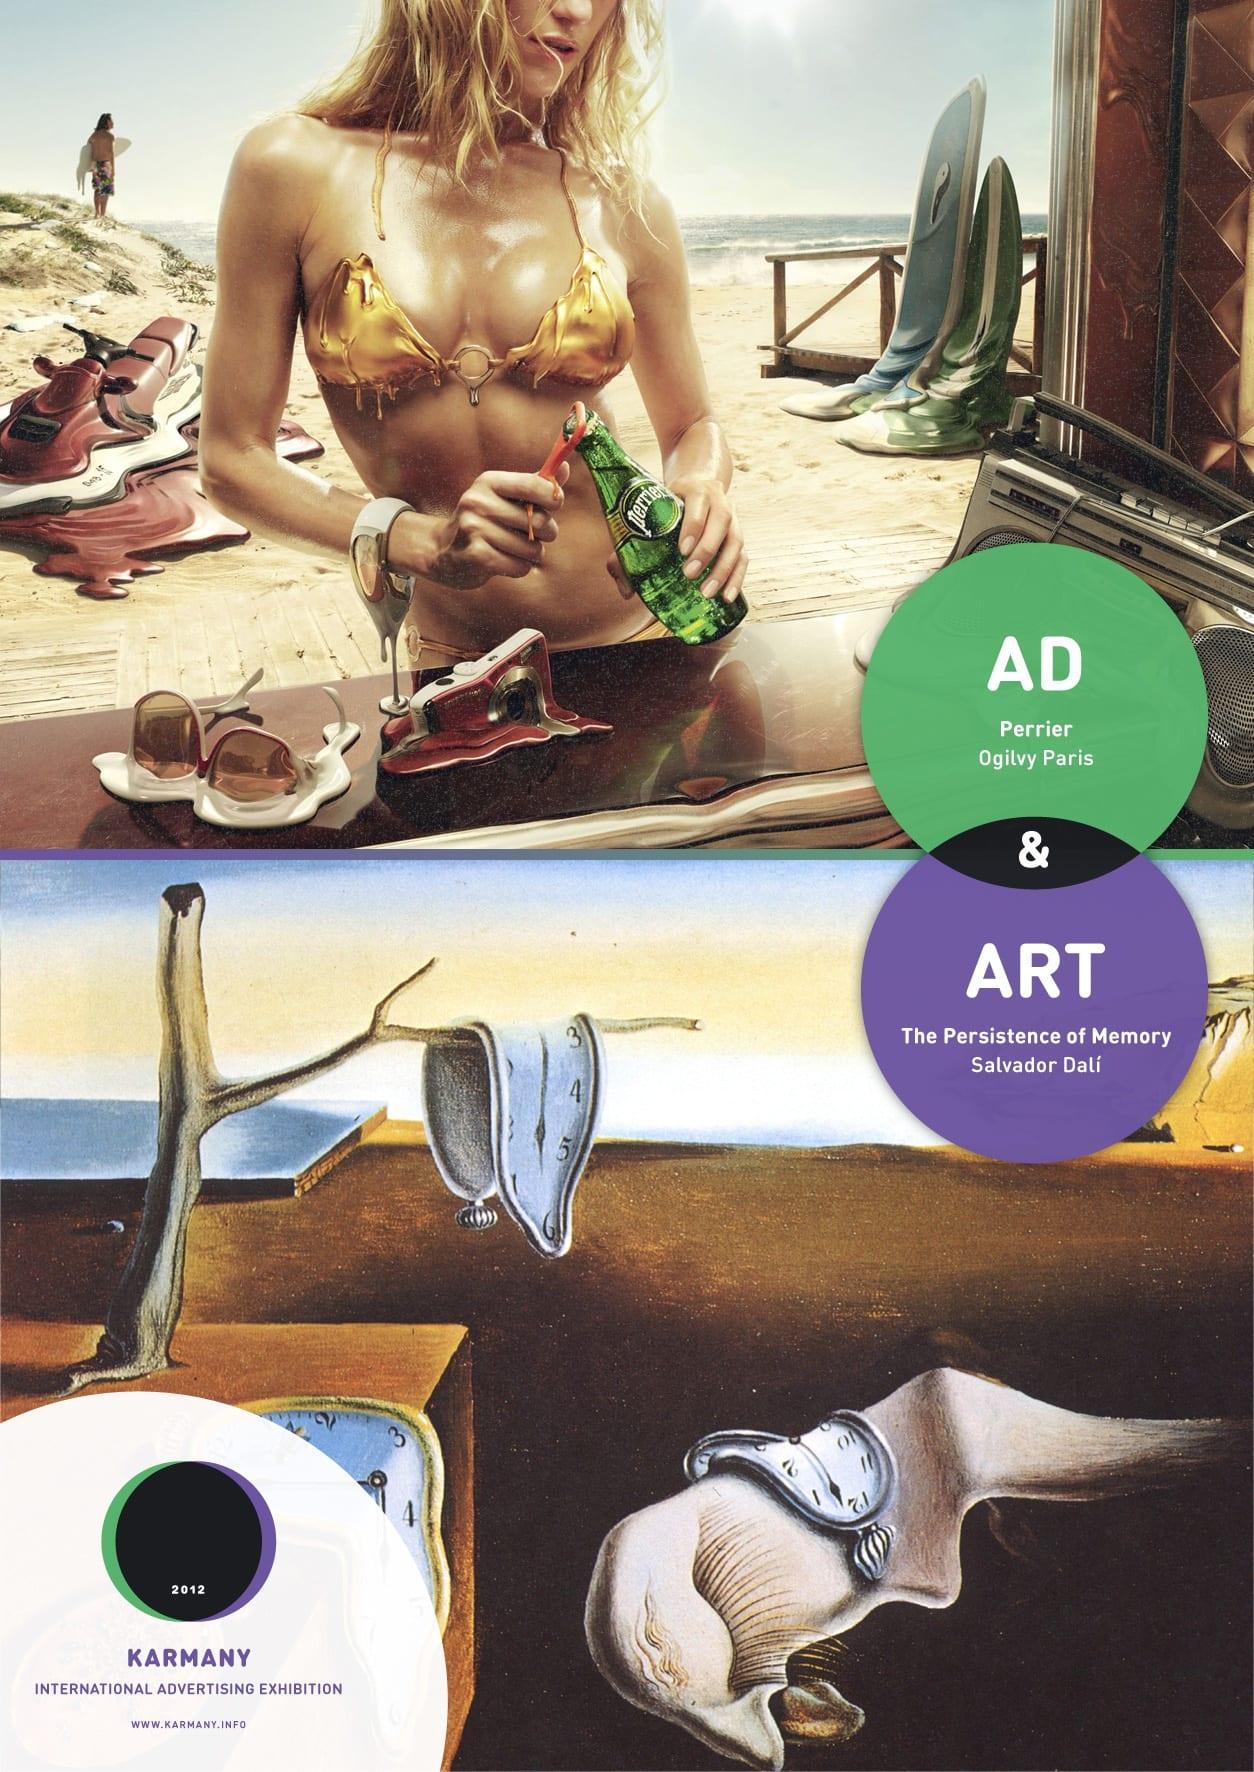 La pub du jour : La pub est un art... [Musée Art] 1